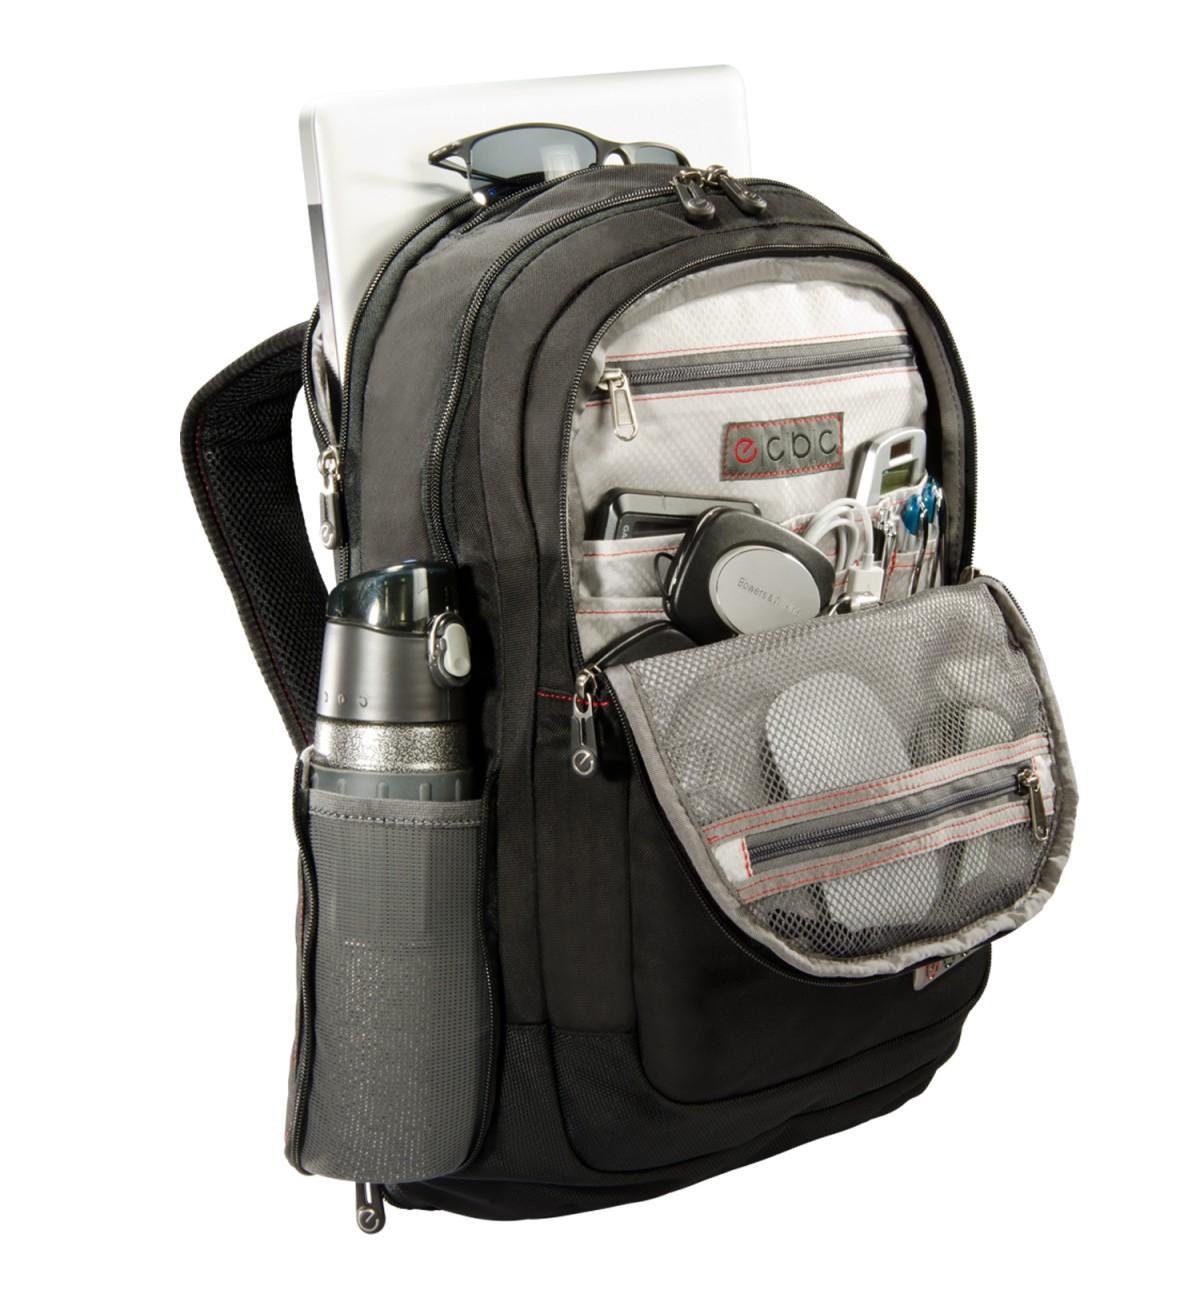 Best Backpack Ever - Crazy Backpacks